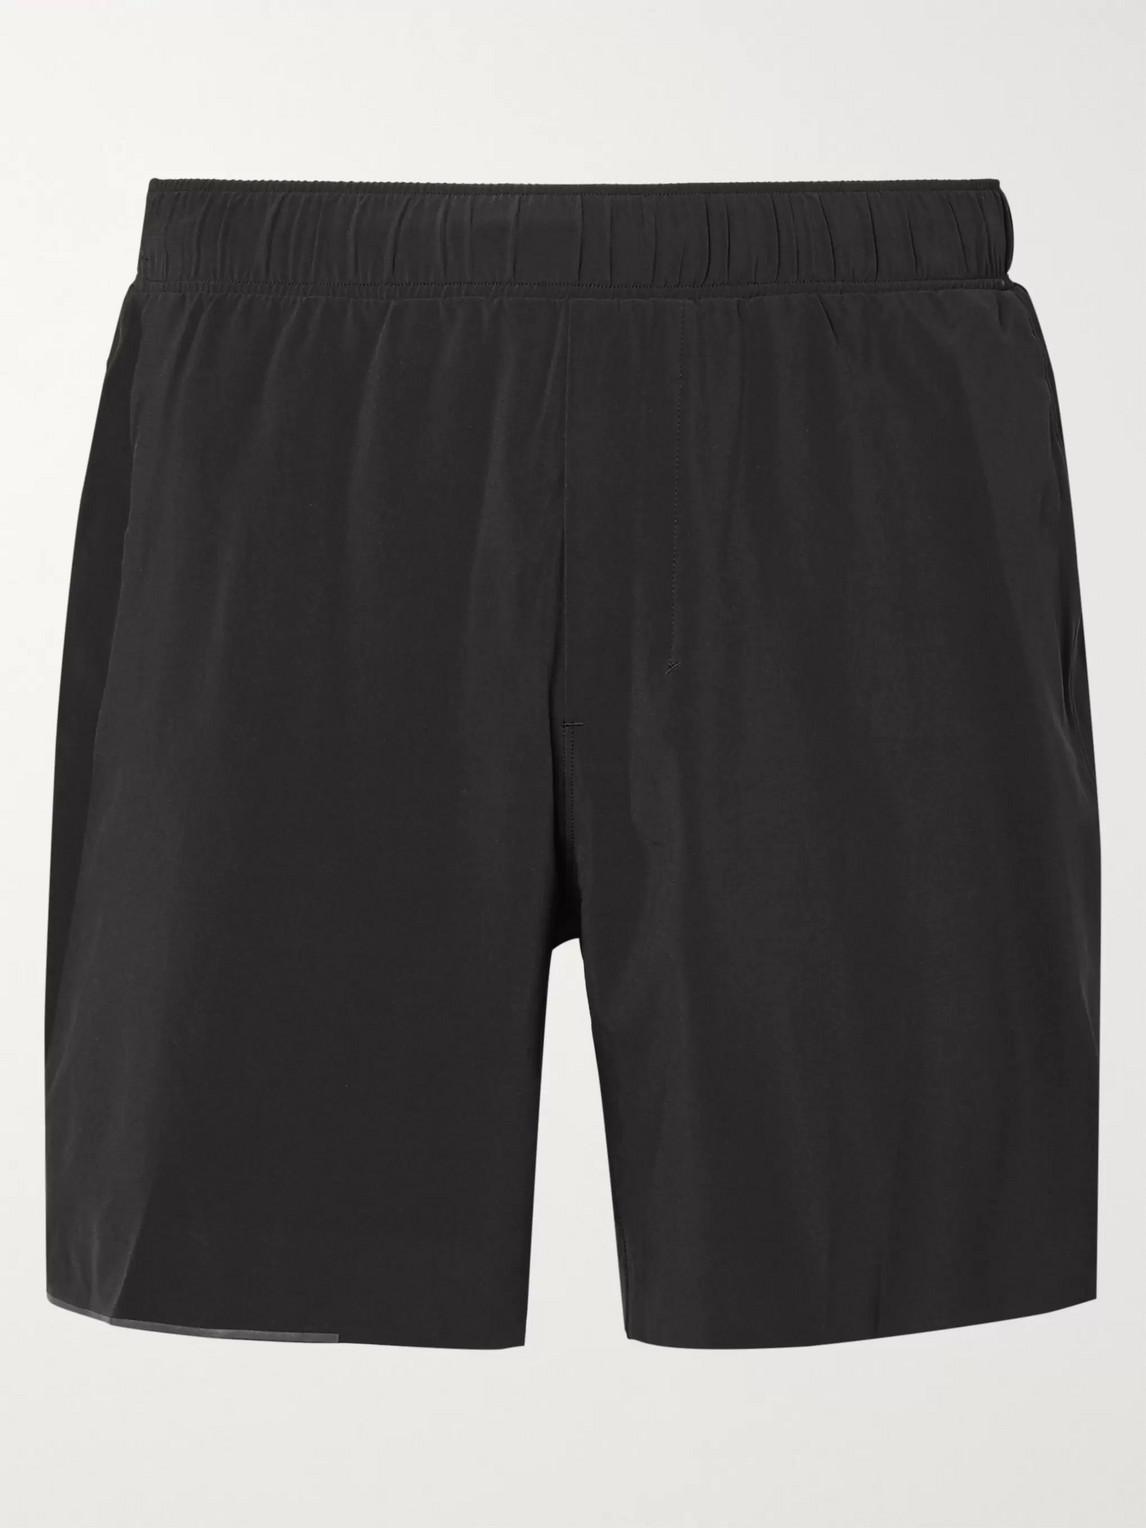 lululemon - surge swift shorts - men - black